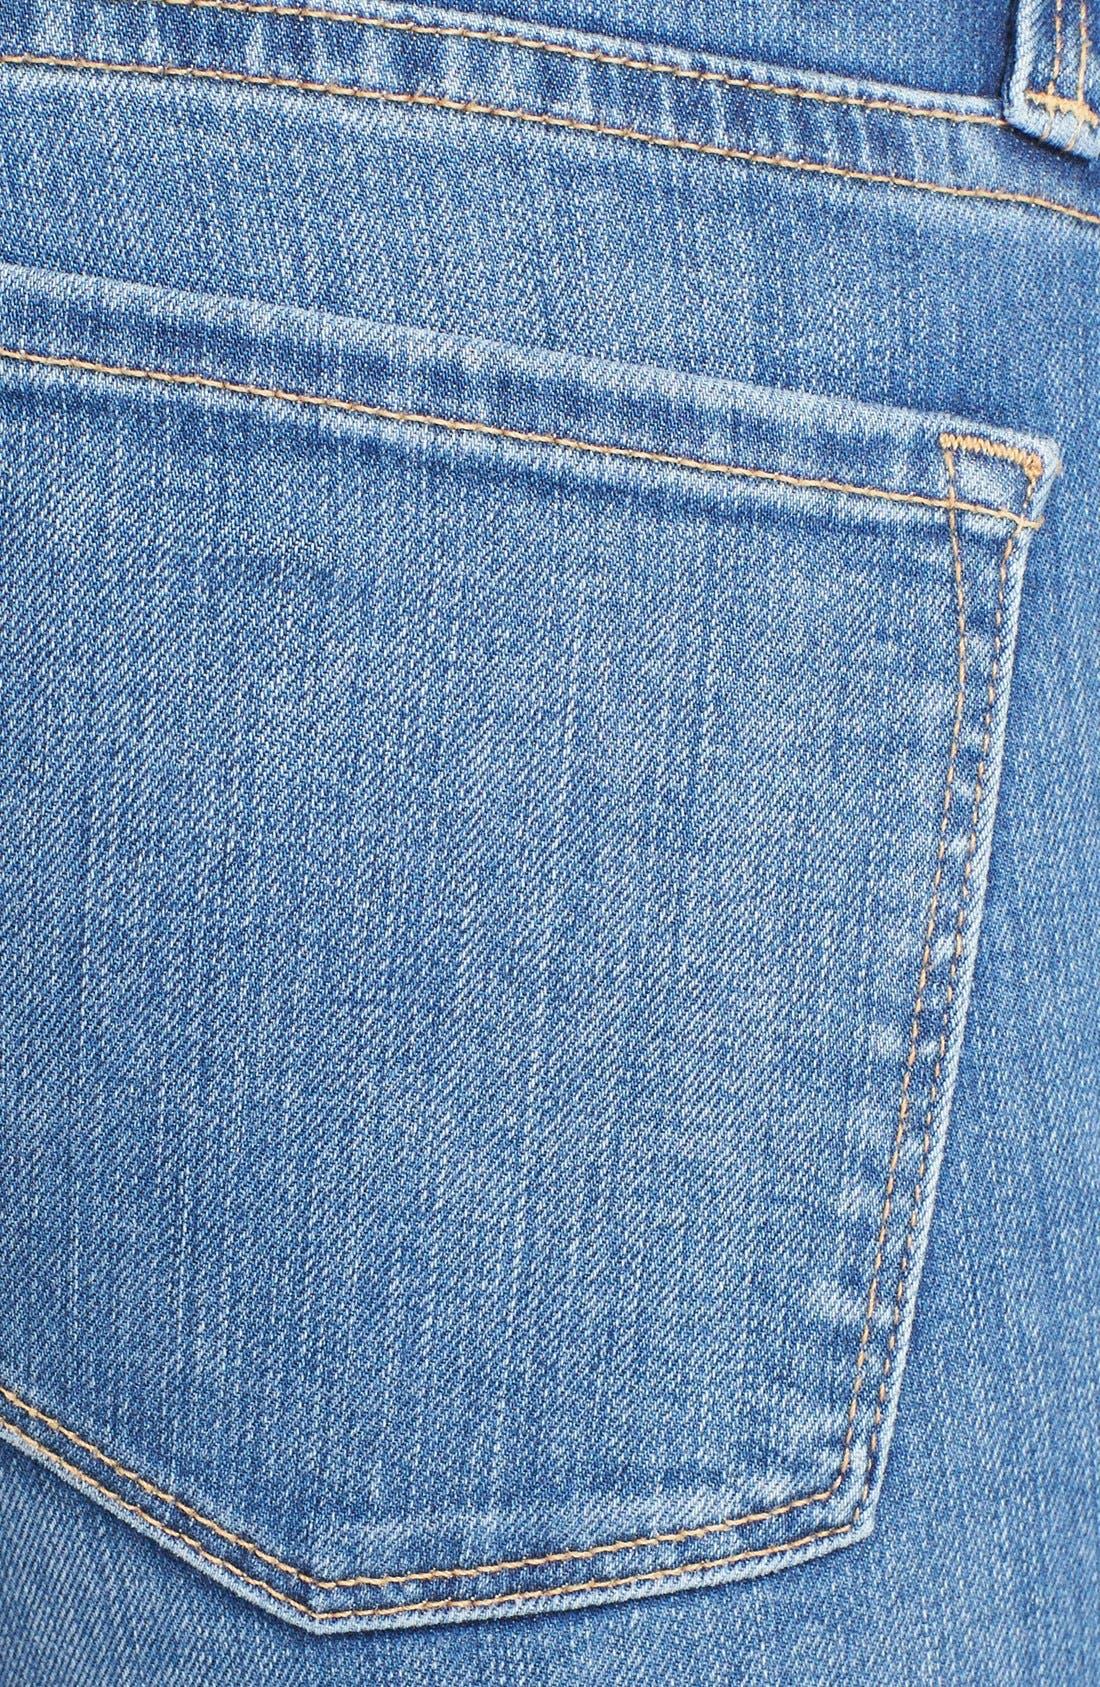 Alternate Image 3  - Frame Denim 'Le Skinny de Jeanne' Jeans (Abbot Kinney)